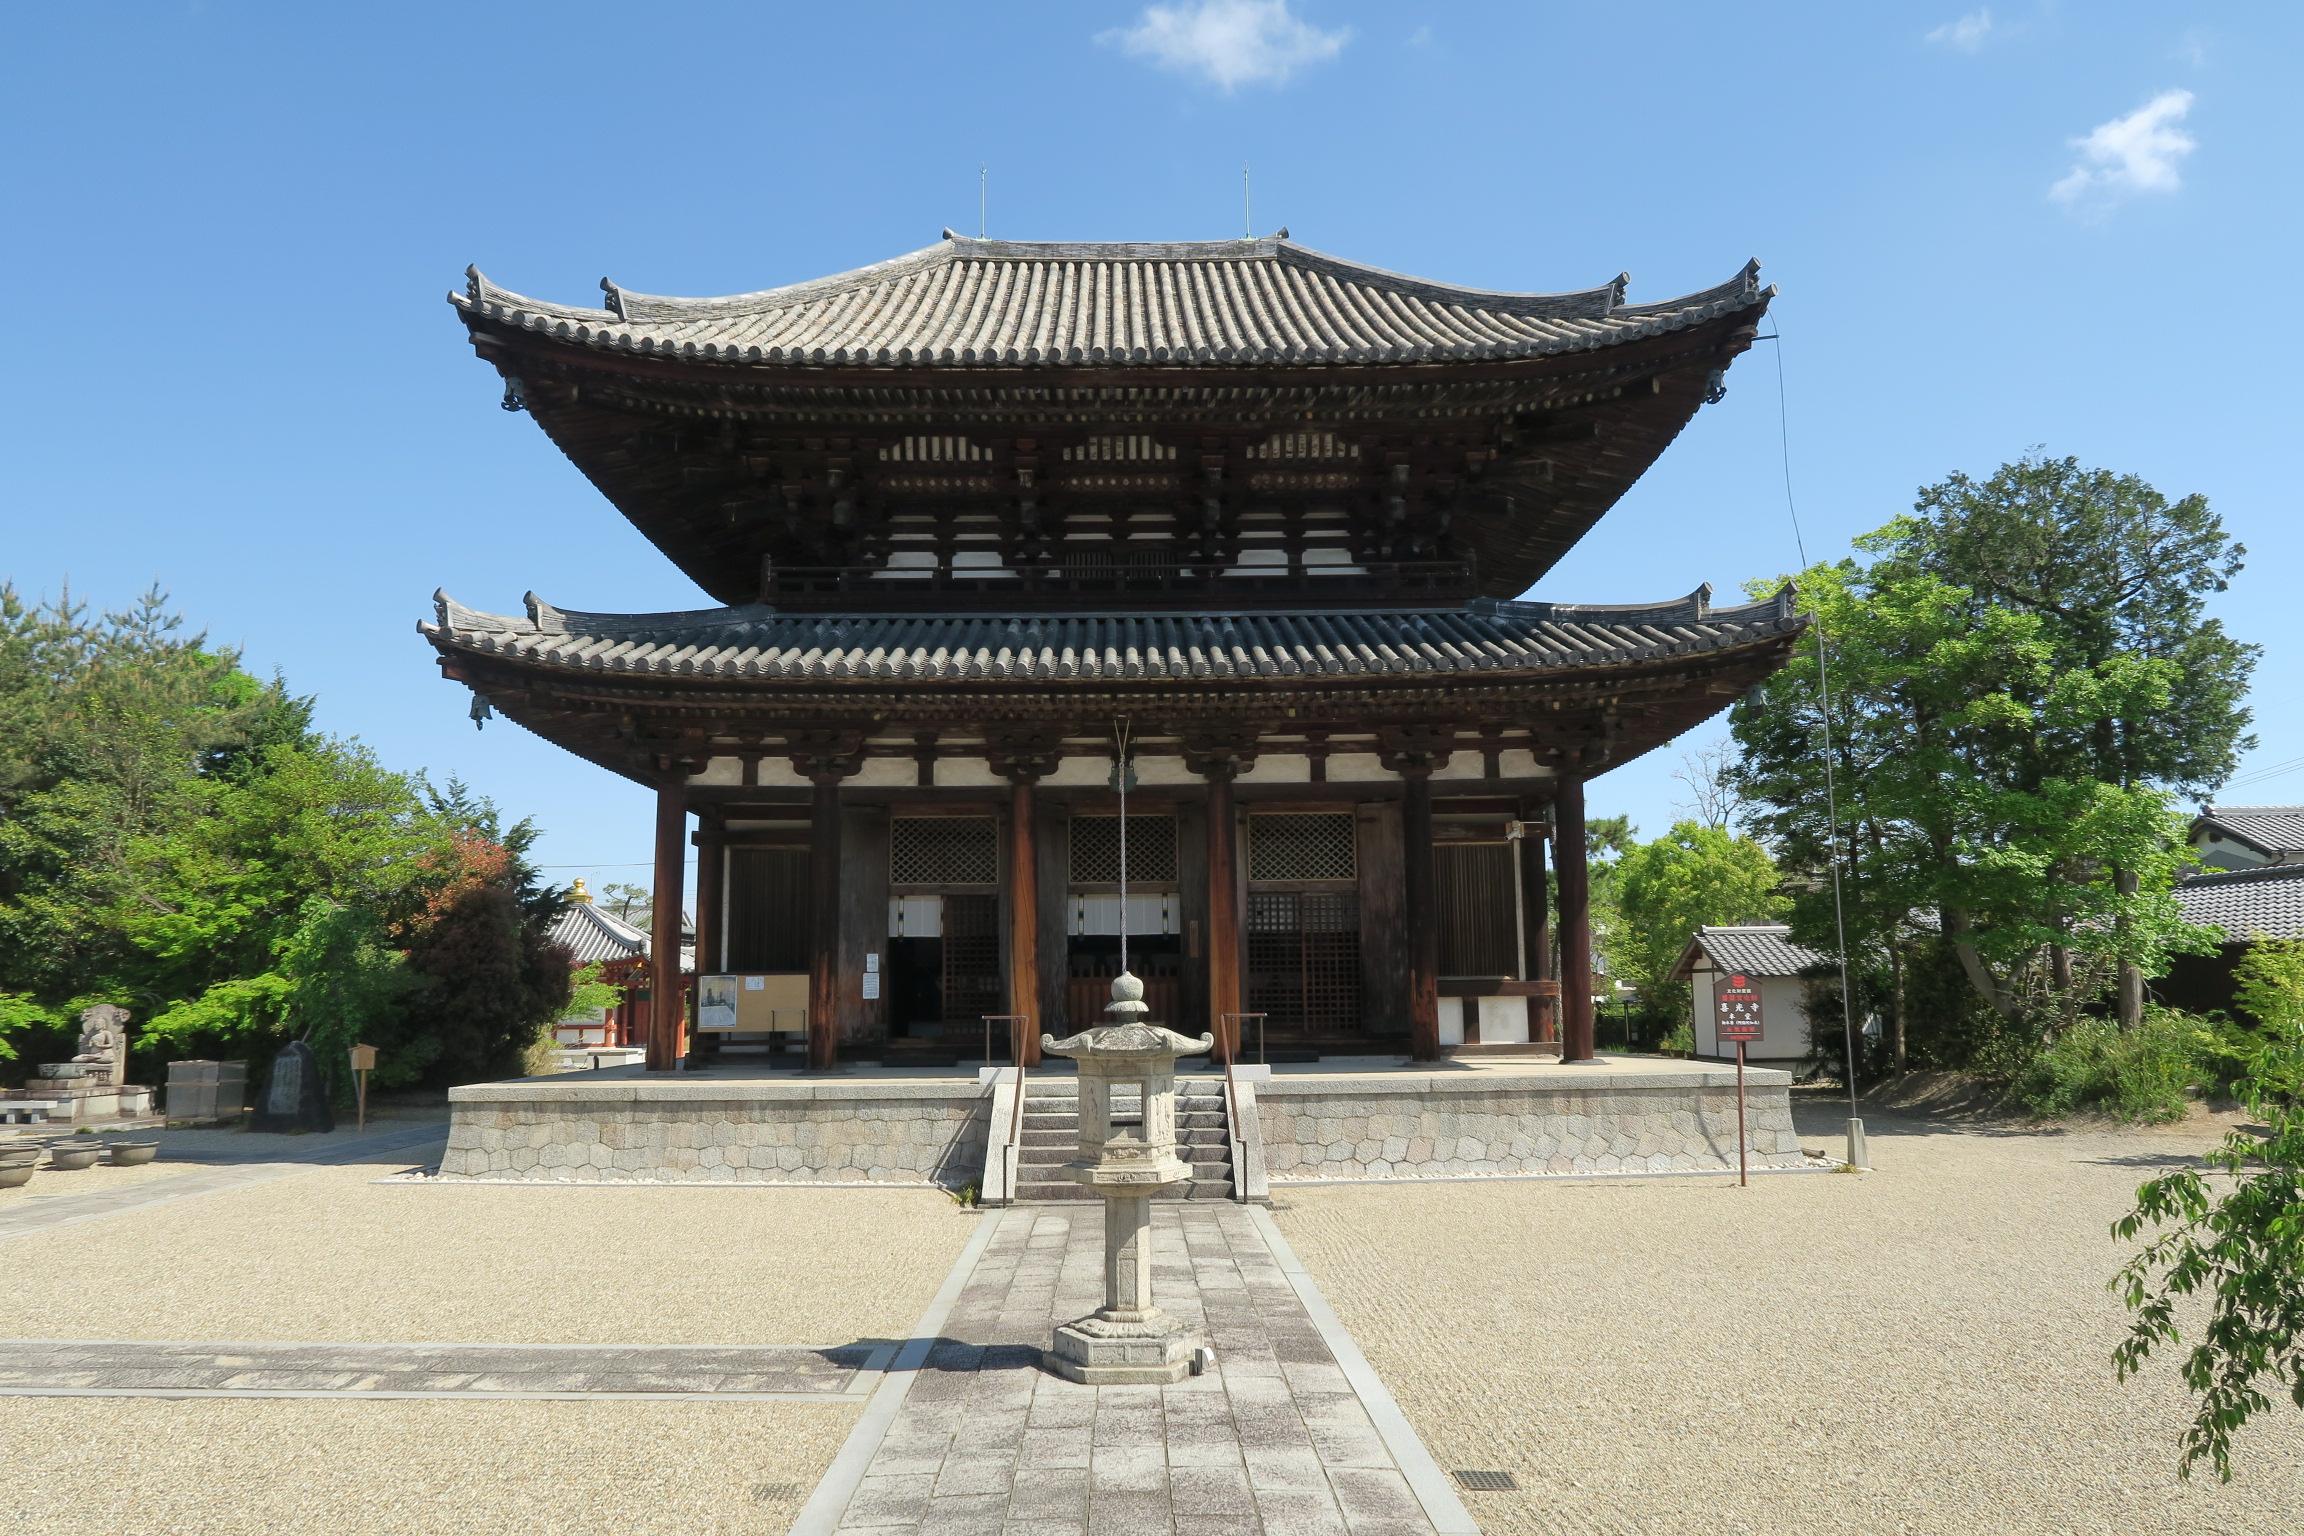 本堂は、東大寺・大仏殿を建立する前の試作という伝承があり、「試みの大仏殿」とも呼ばれています。